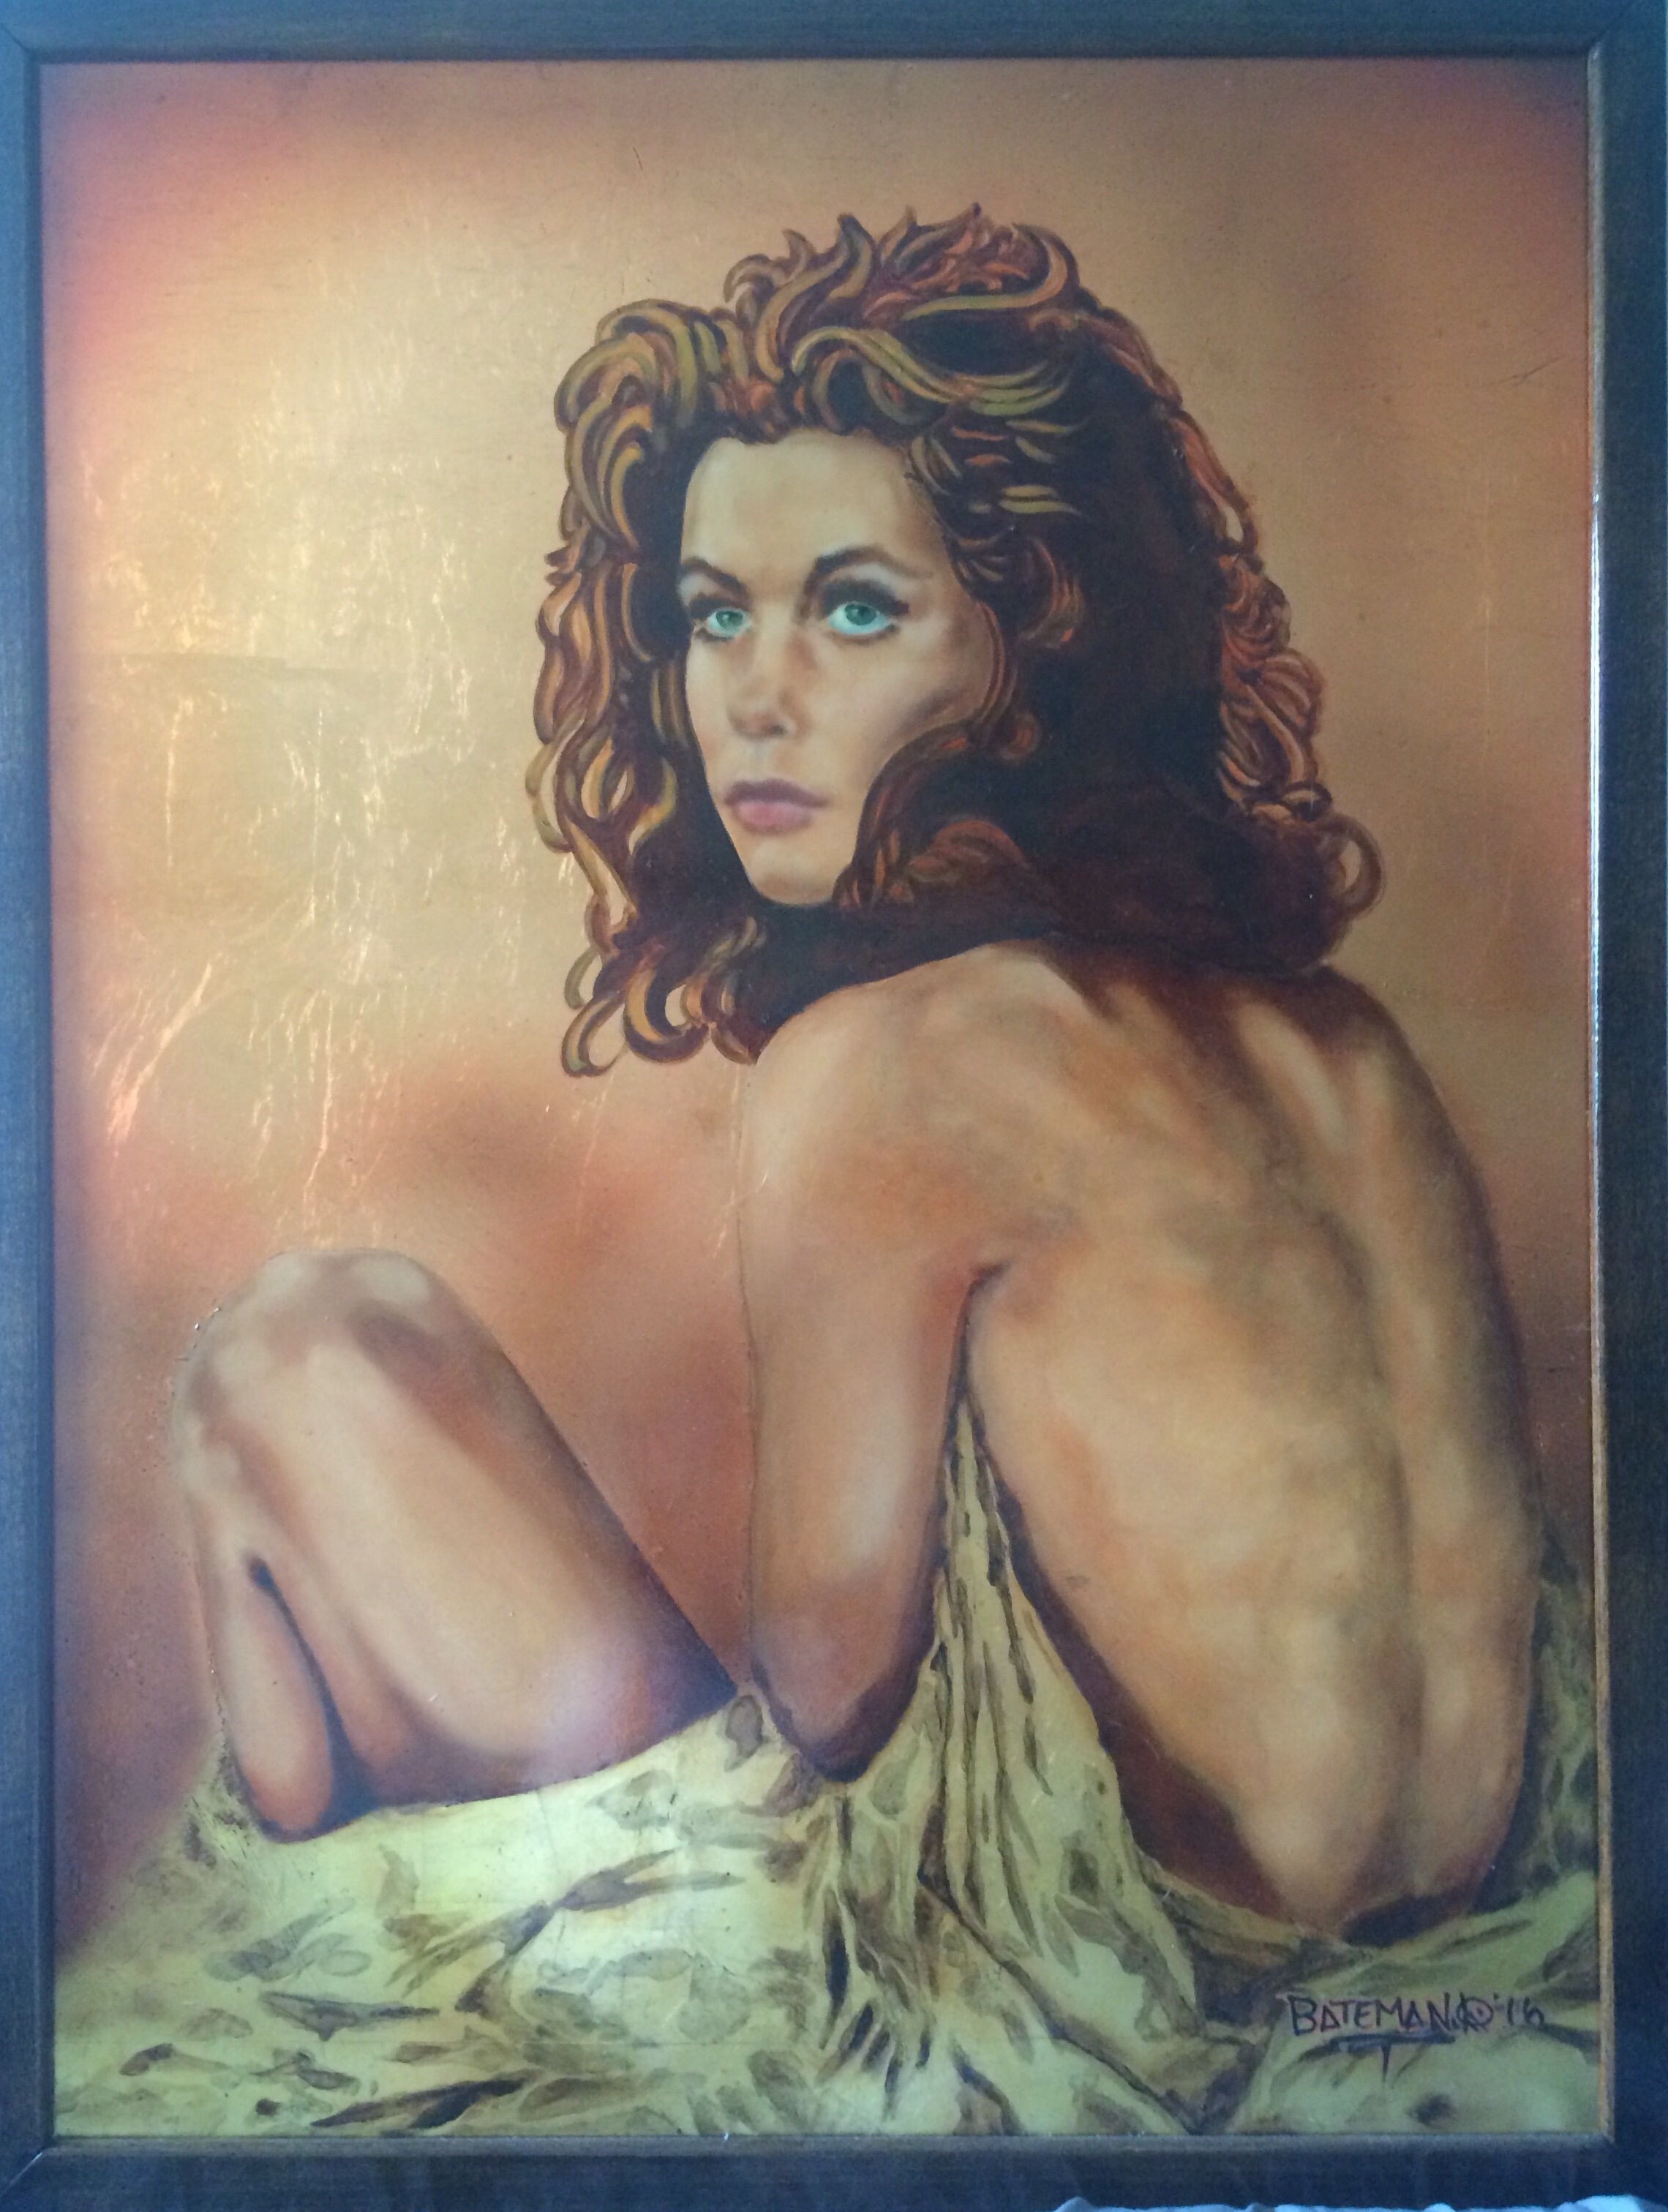 Elizabeth artwork by James Bateman - art listed for sale on Artplode